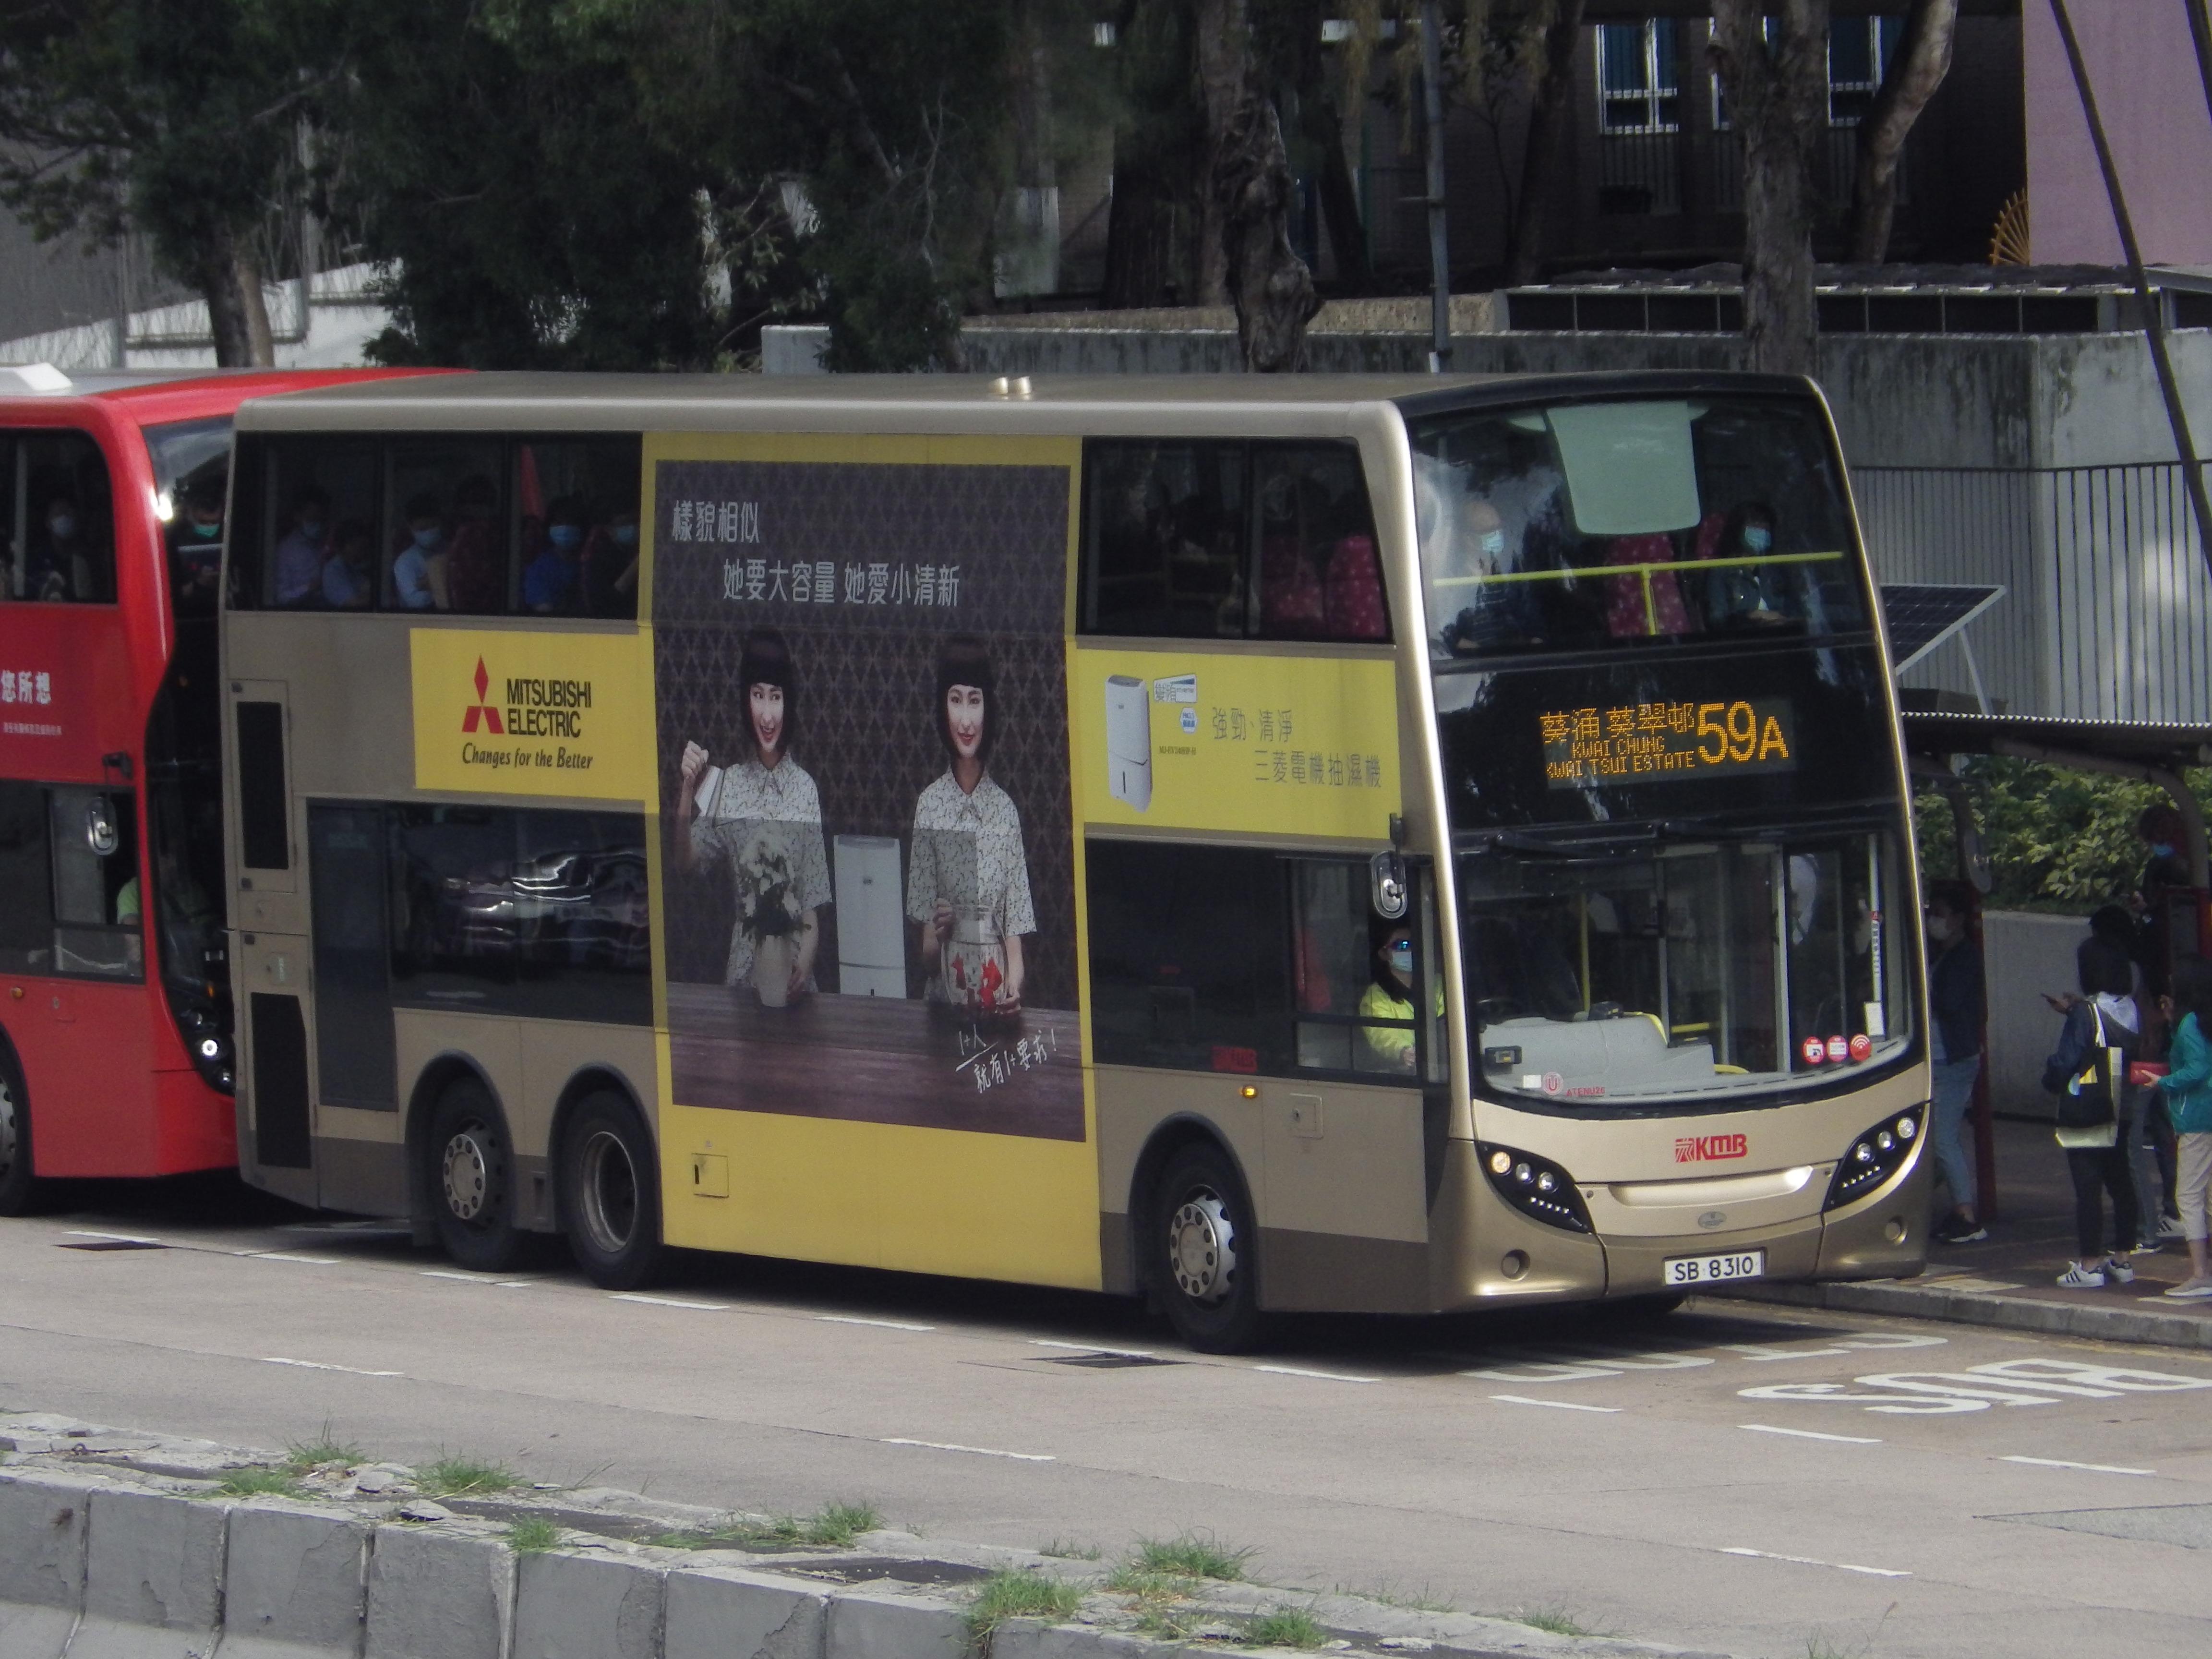 九巴59A線